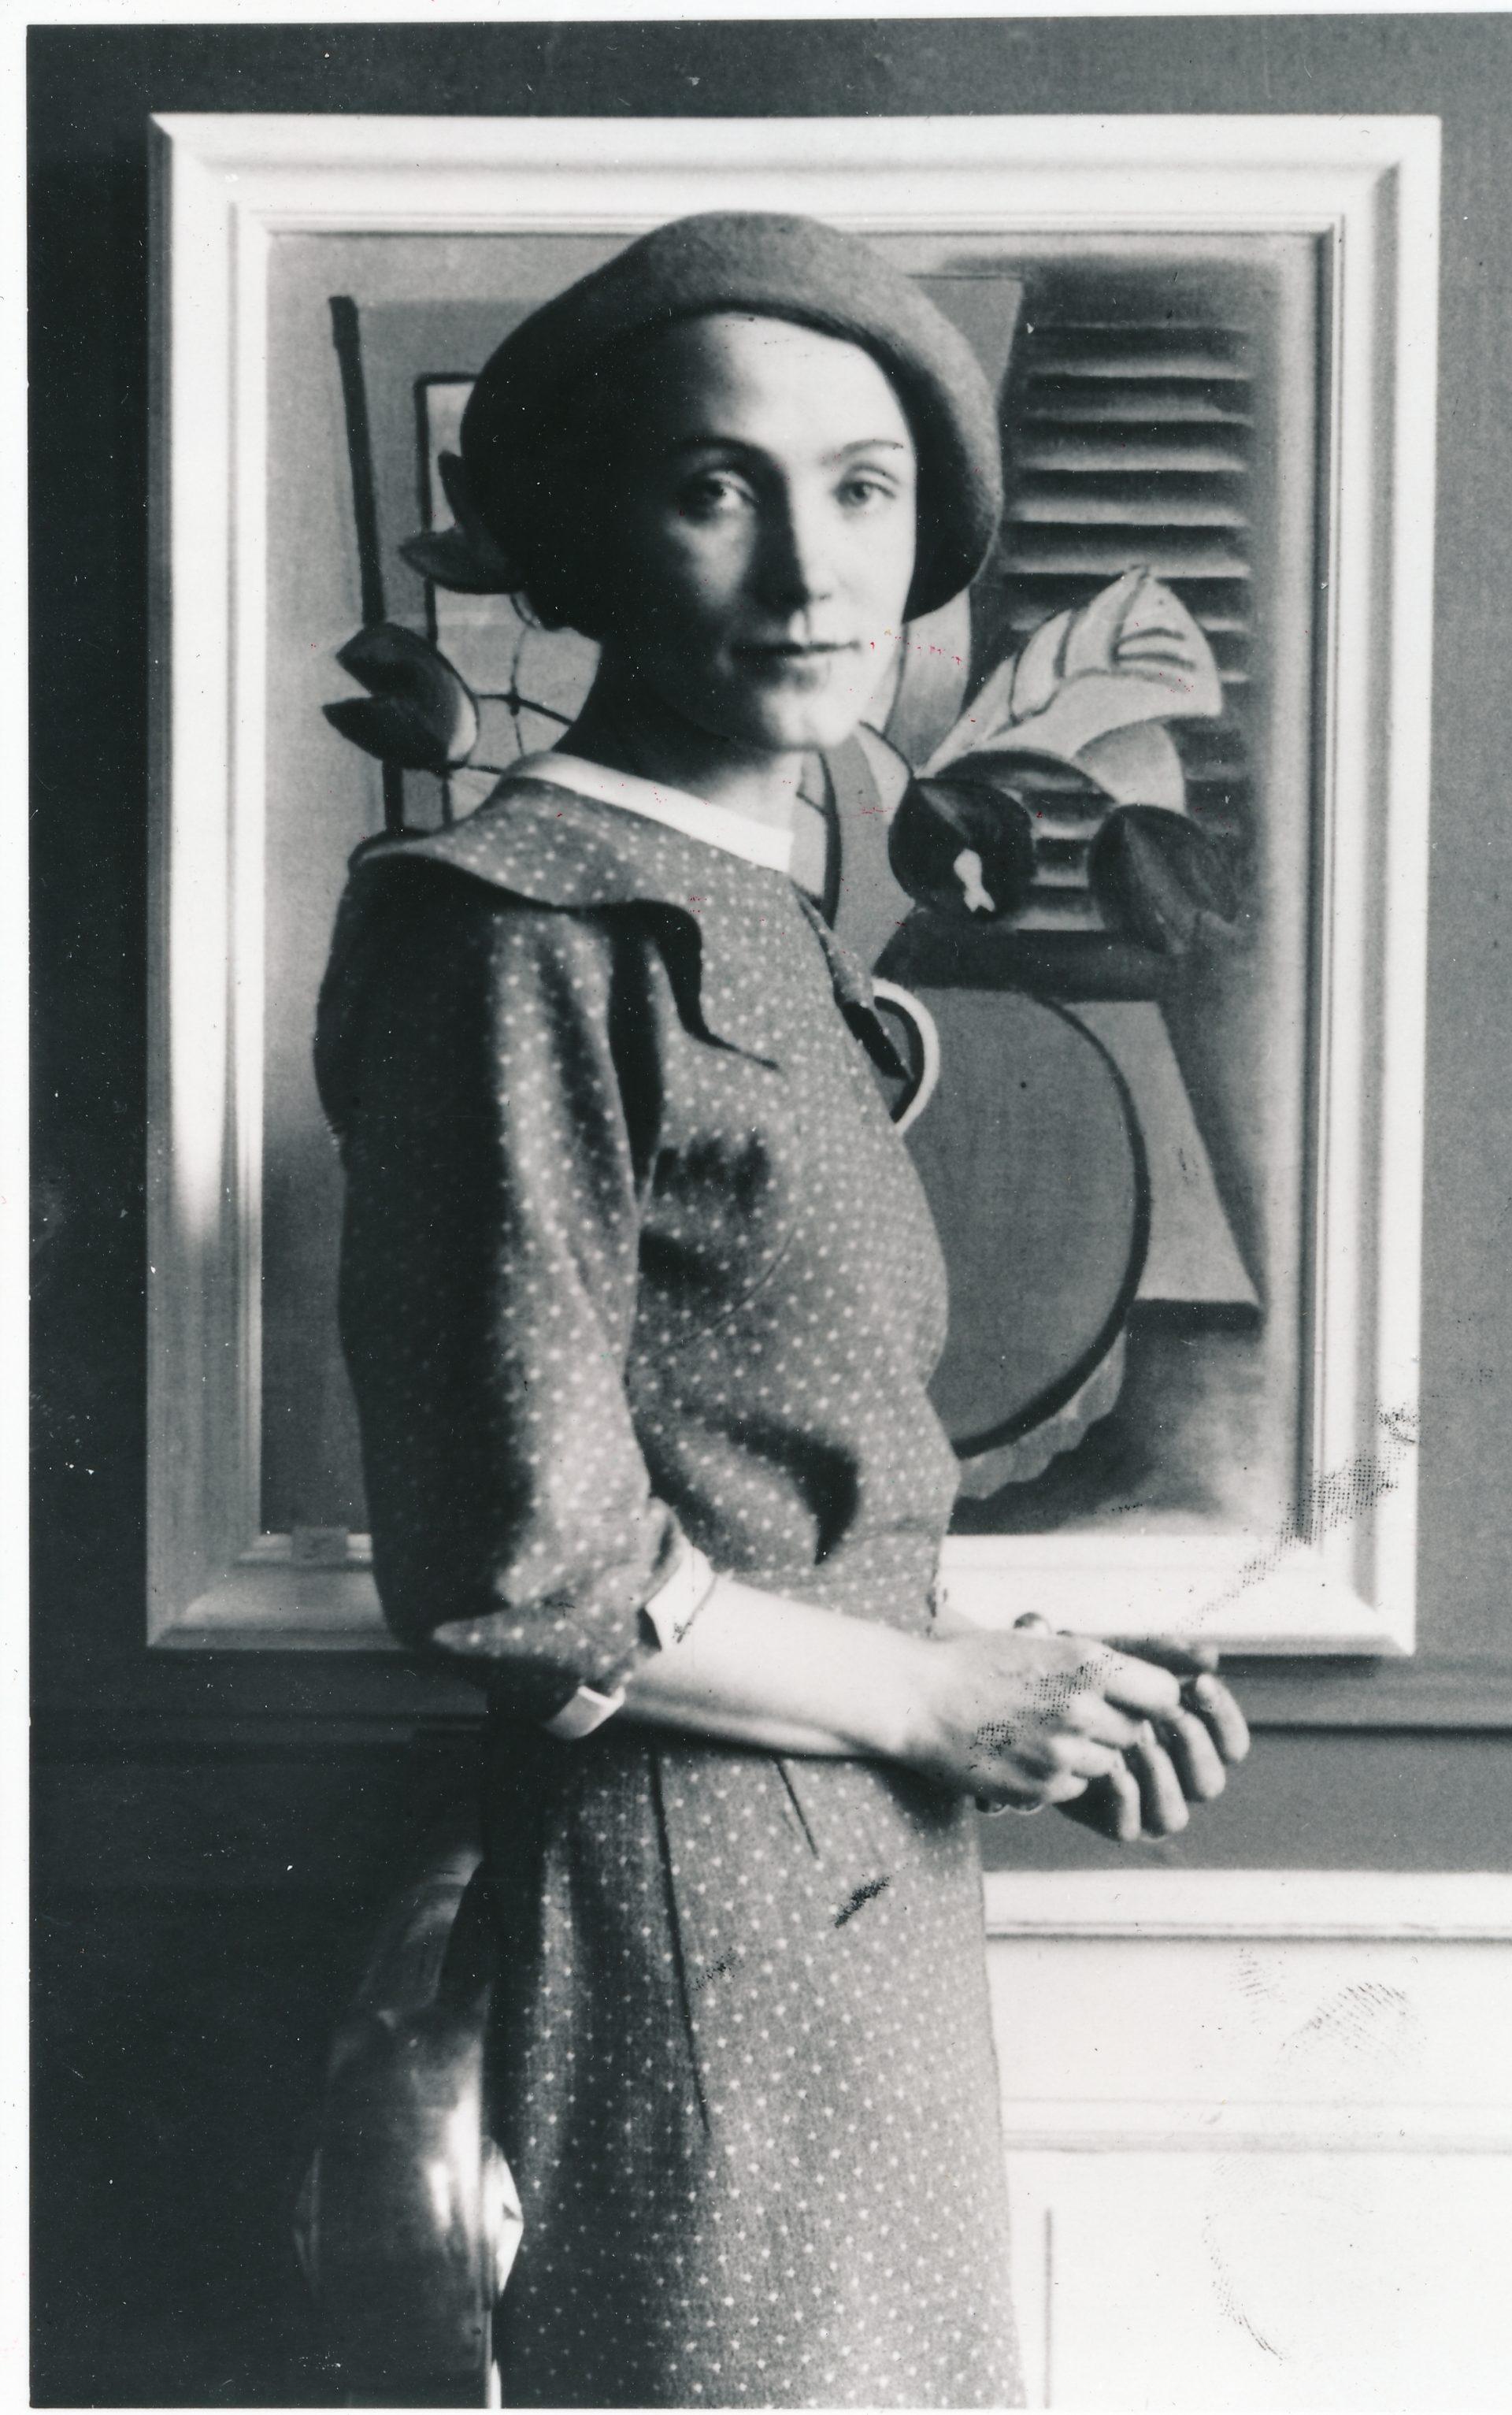 Rita Kernn-Larsen. Tangen-samlingen, Modernismens Pionerer, nordisk modernisme.